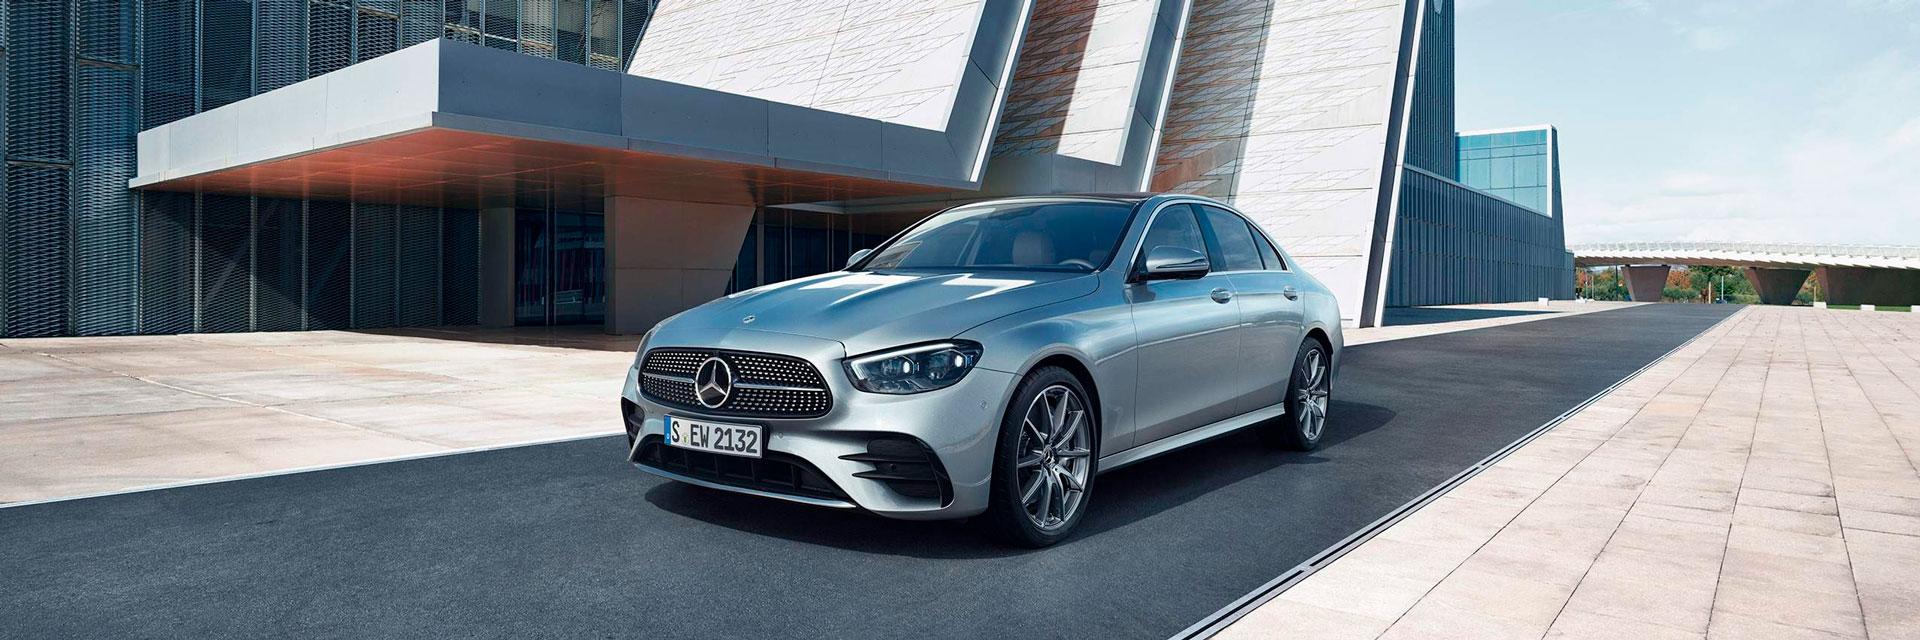 Обзор обновленного Mercedes-AMG Е-Класс